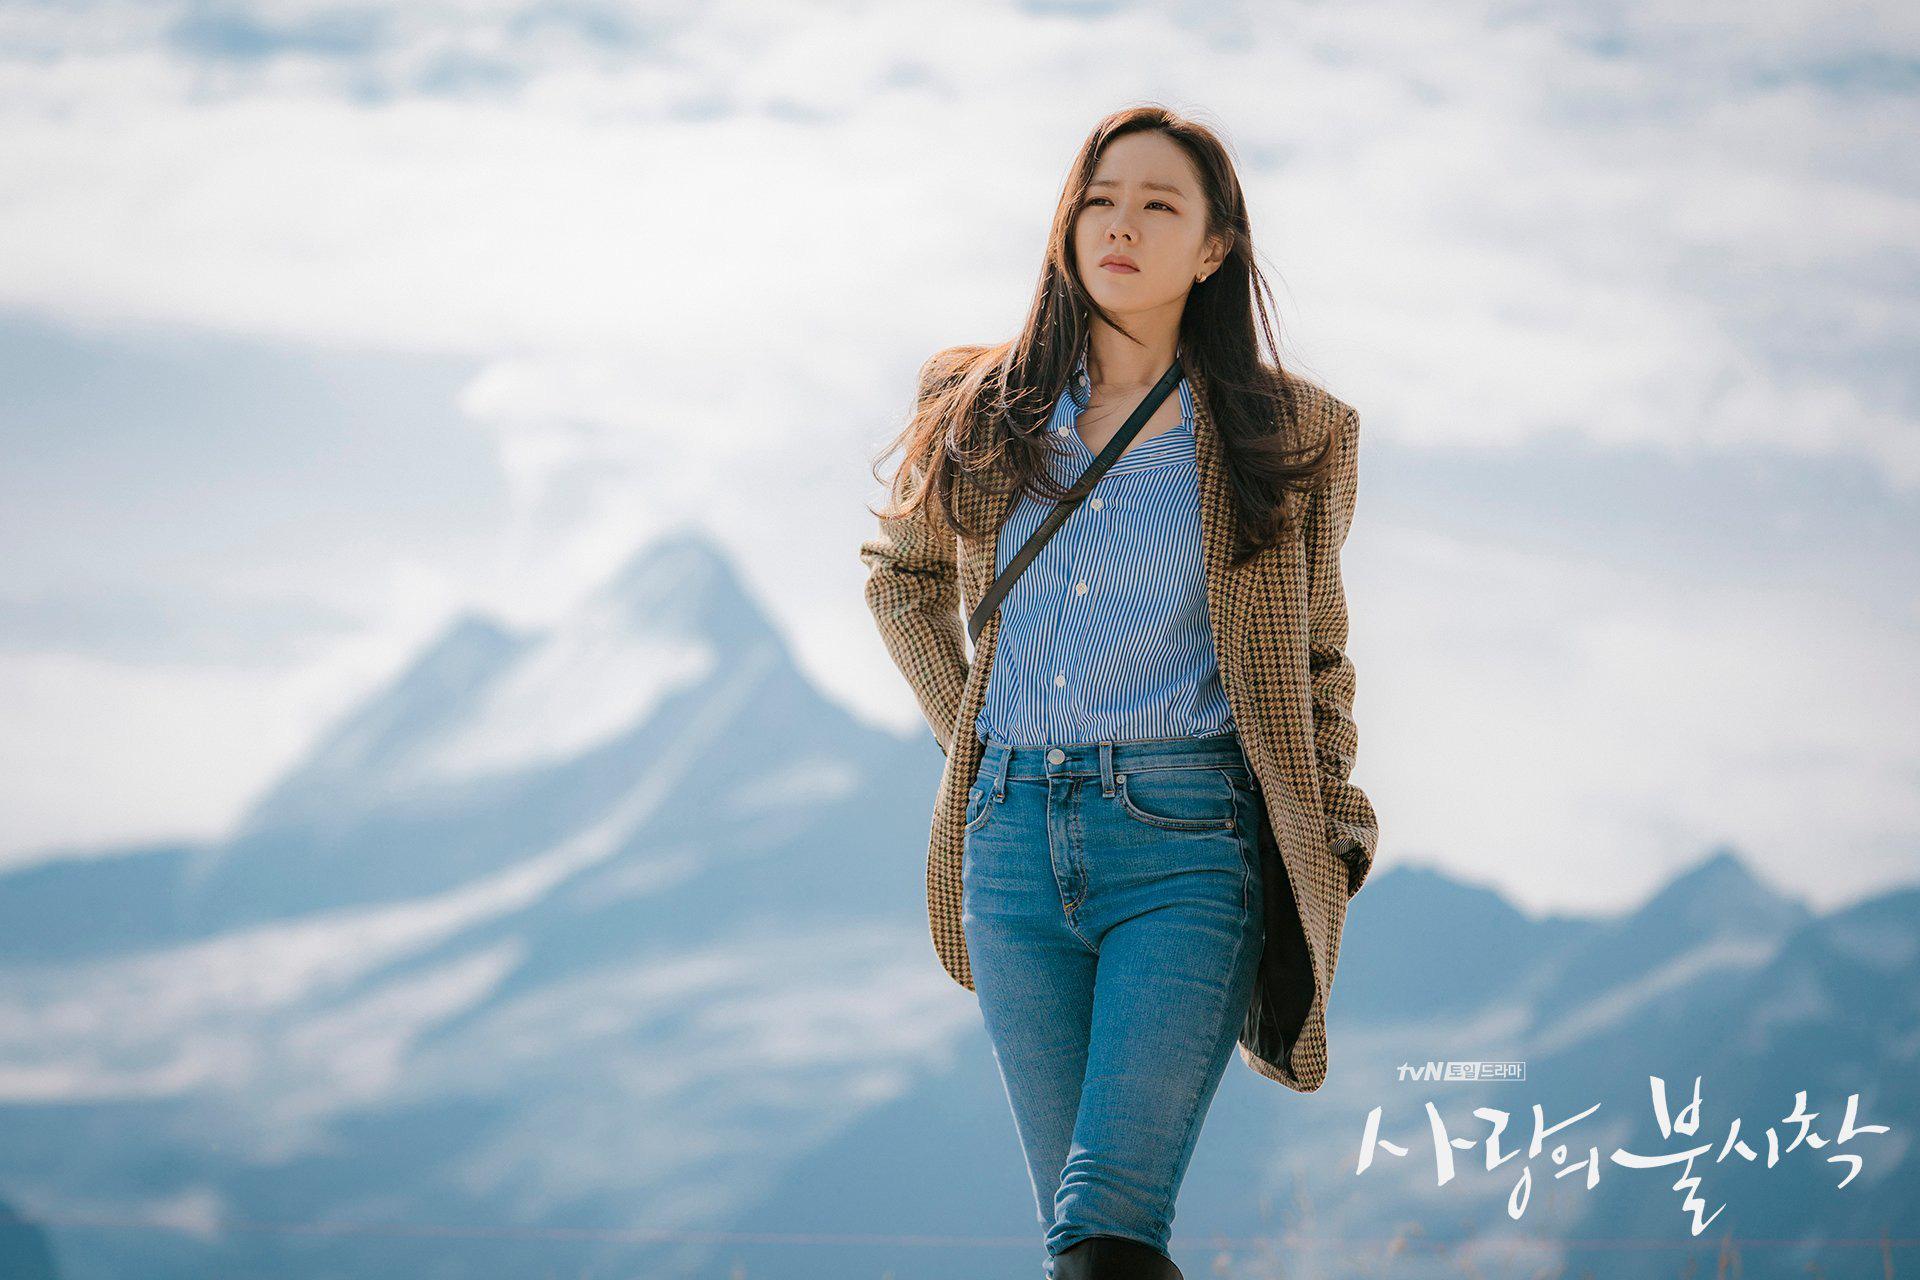 Dù quần jeans dáng ôm có hot hay không, Son Ye Jin vẫn chẳng ngán diện từ phim đến đời thực - Ảnh 4